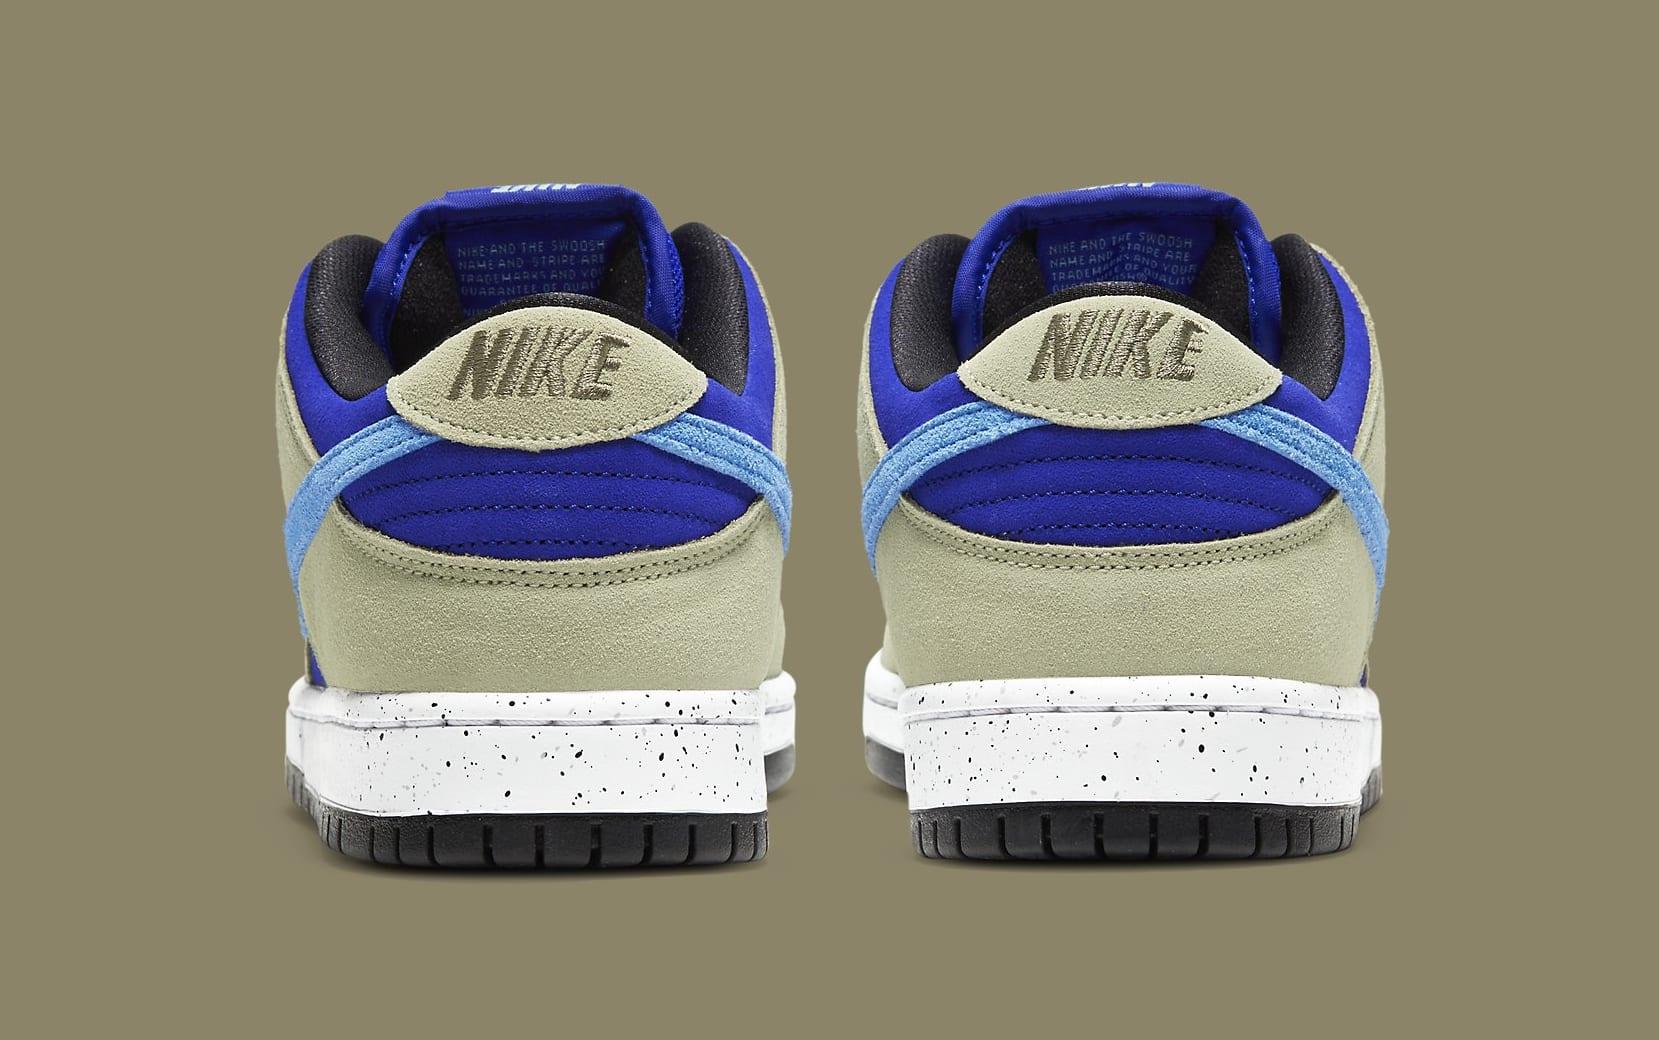 Nike SB Dunk Low 'ACG Caldera' BQ6817-301 Heel